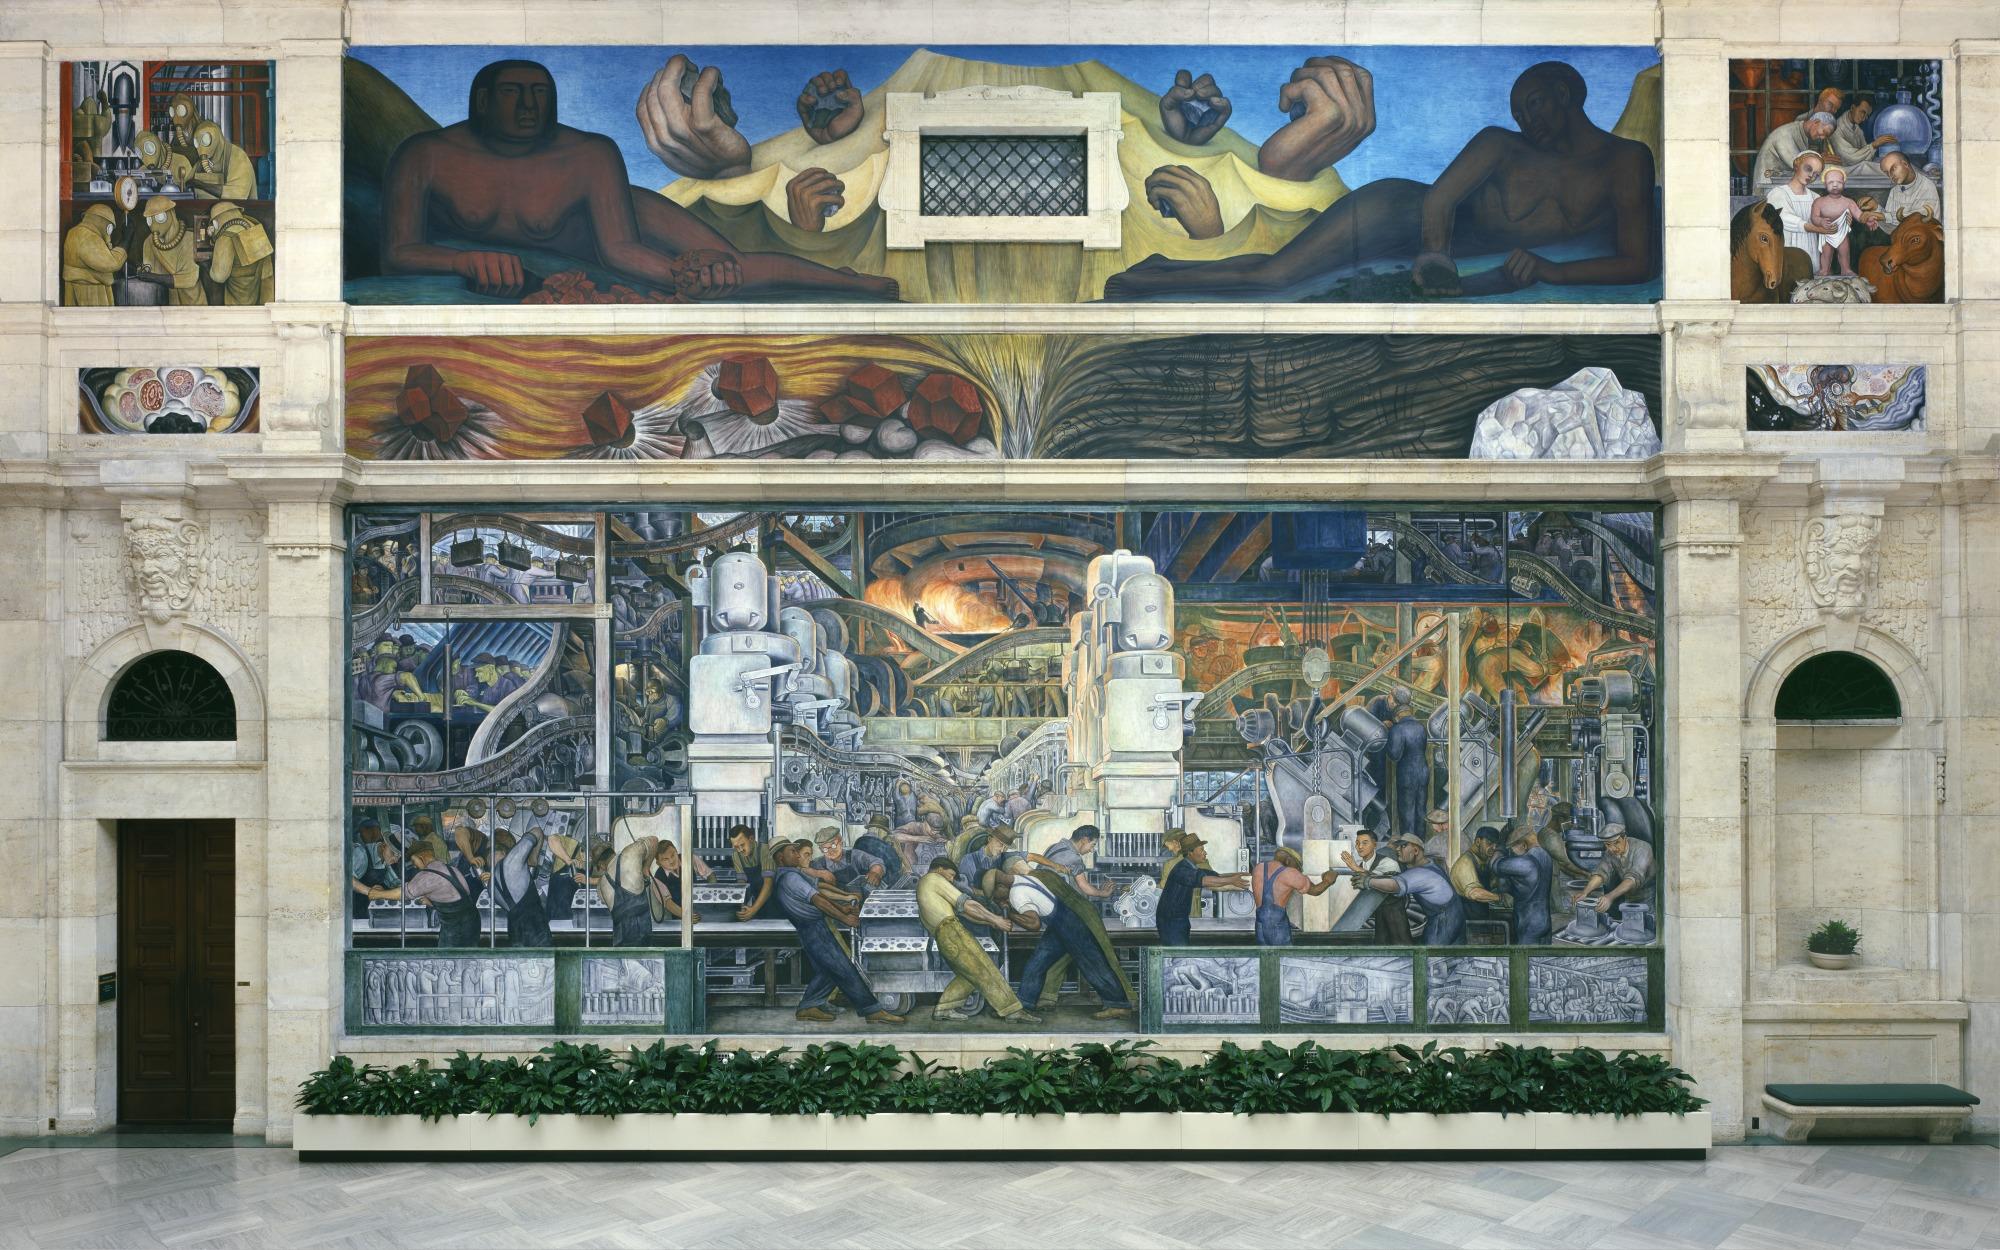 murales de rivera 2